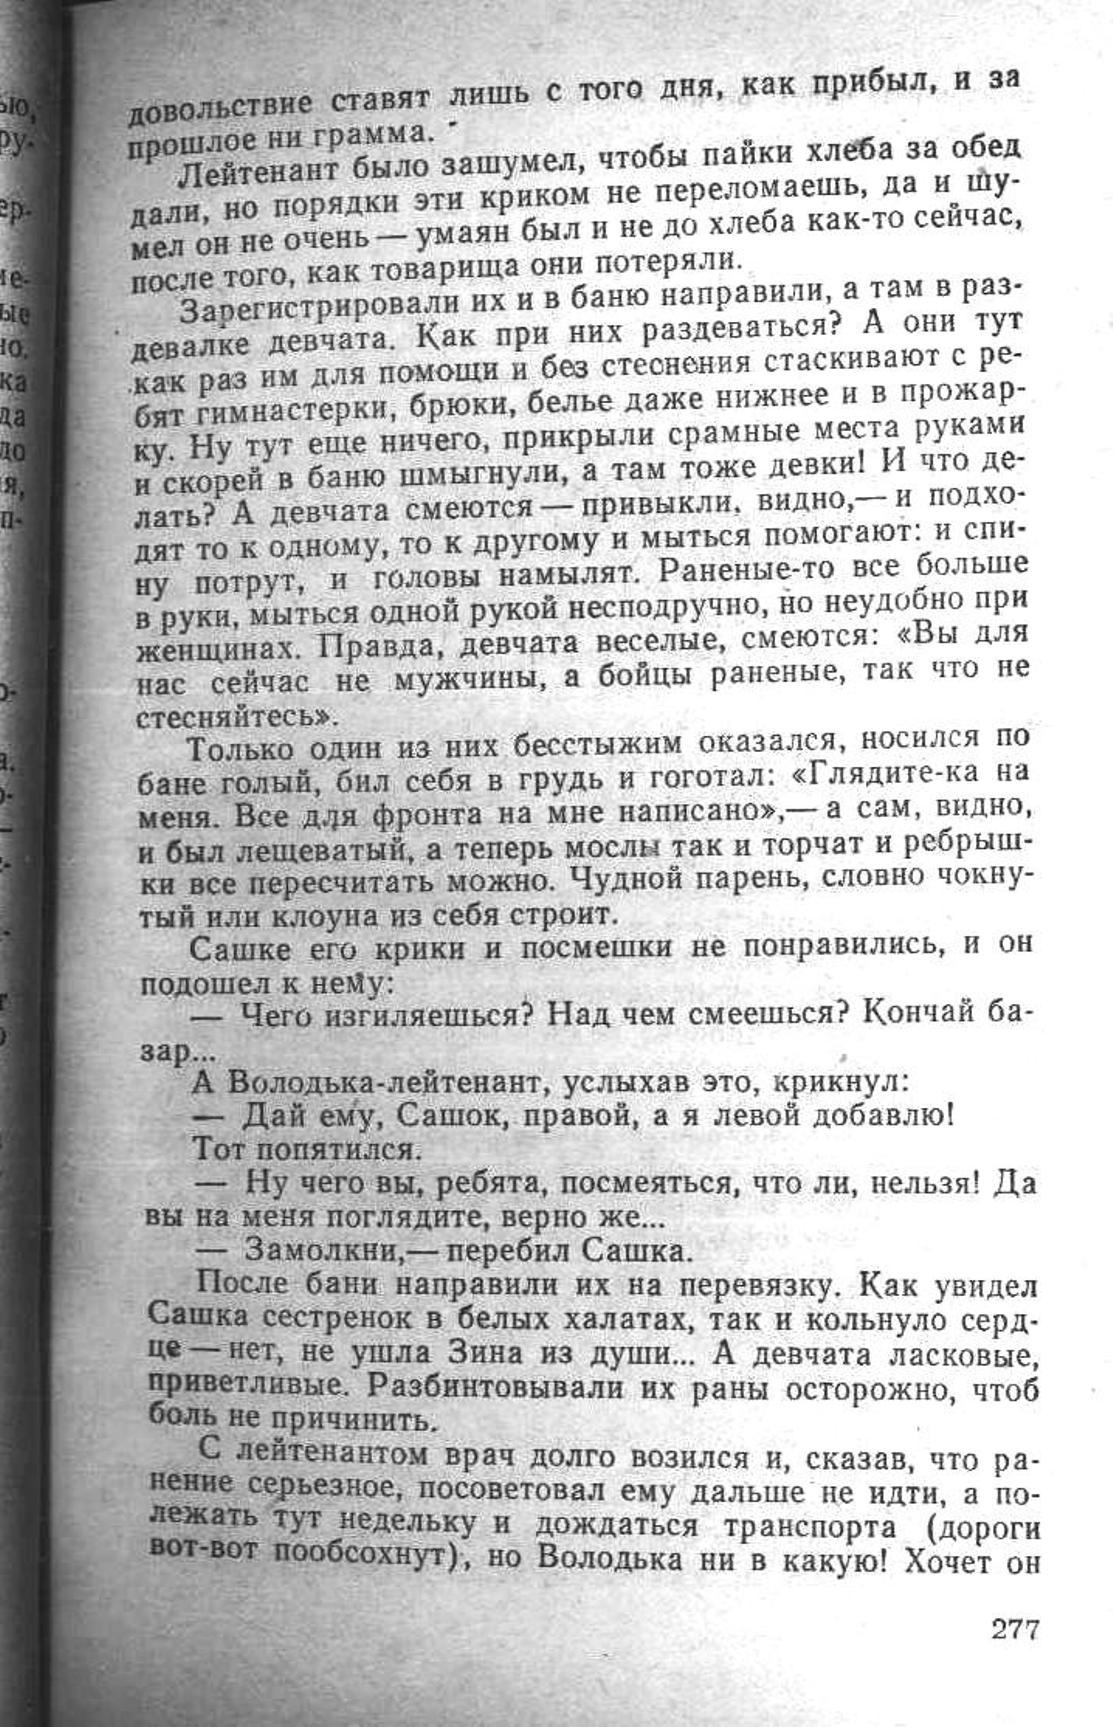 Сашка. Повесть. Вячеслав Кондратьев. 015. 004